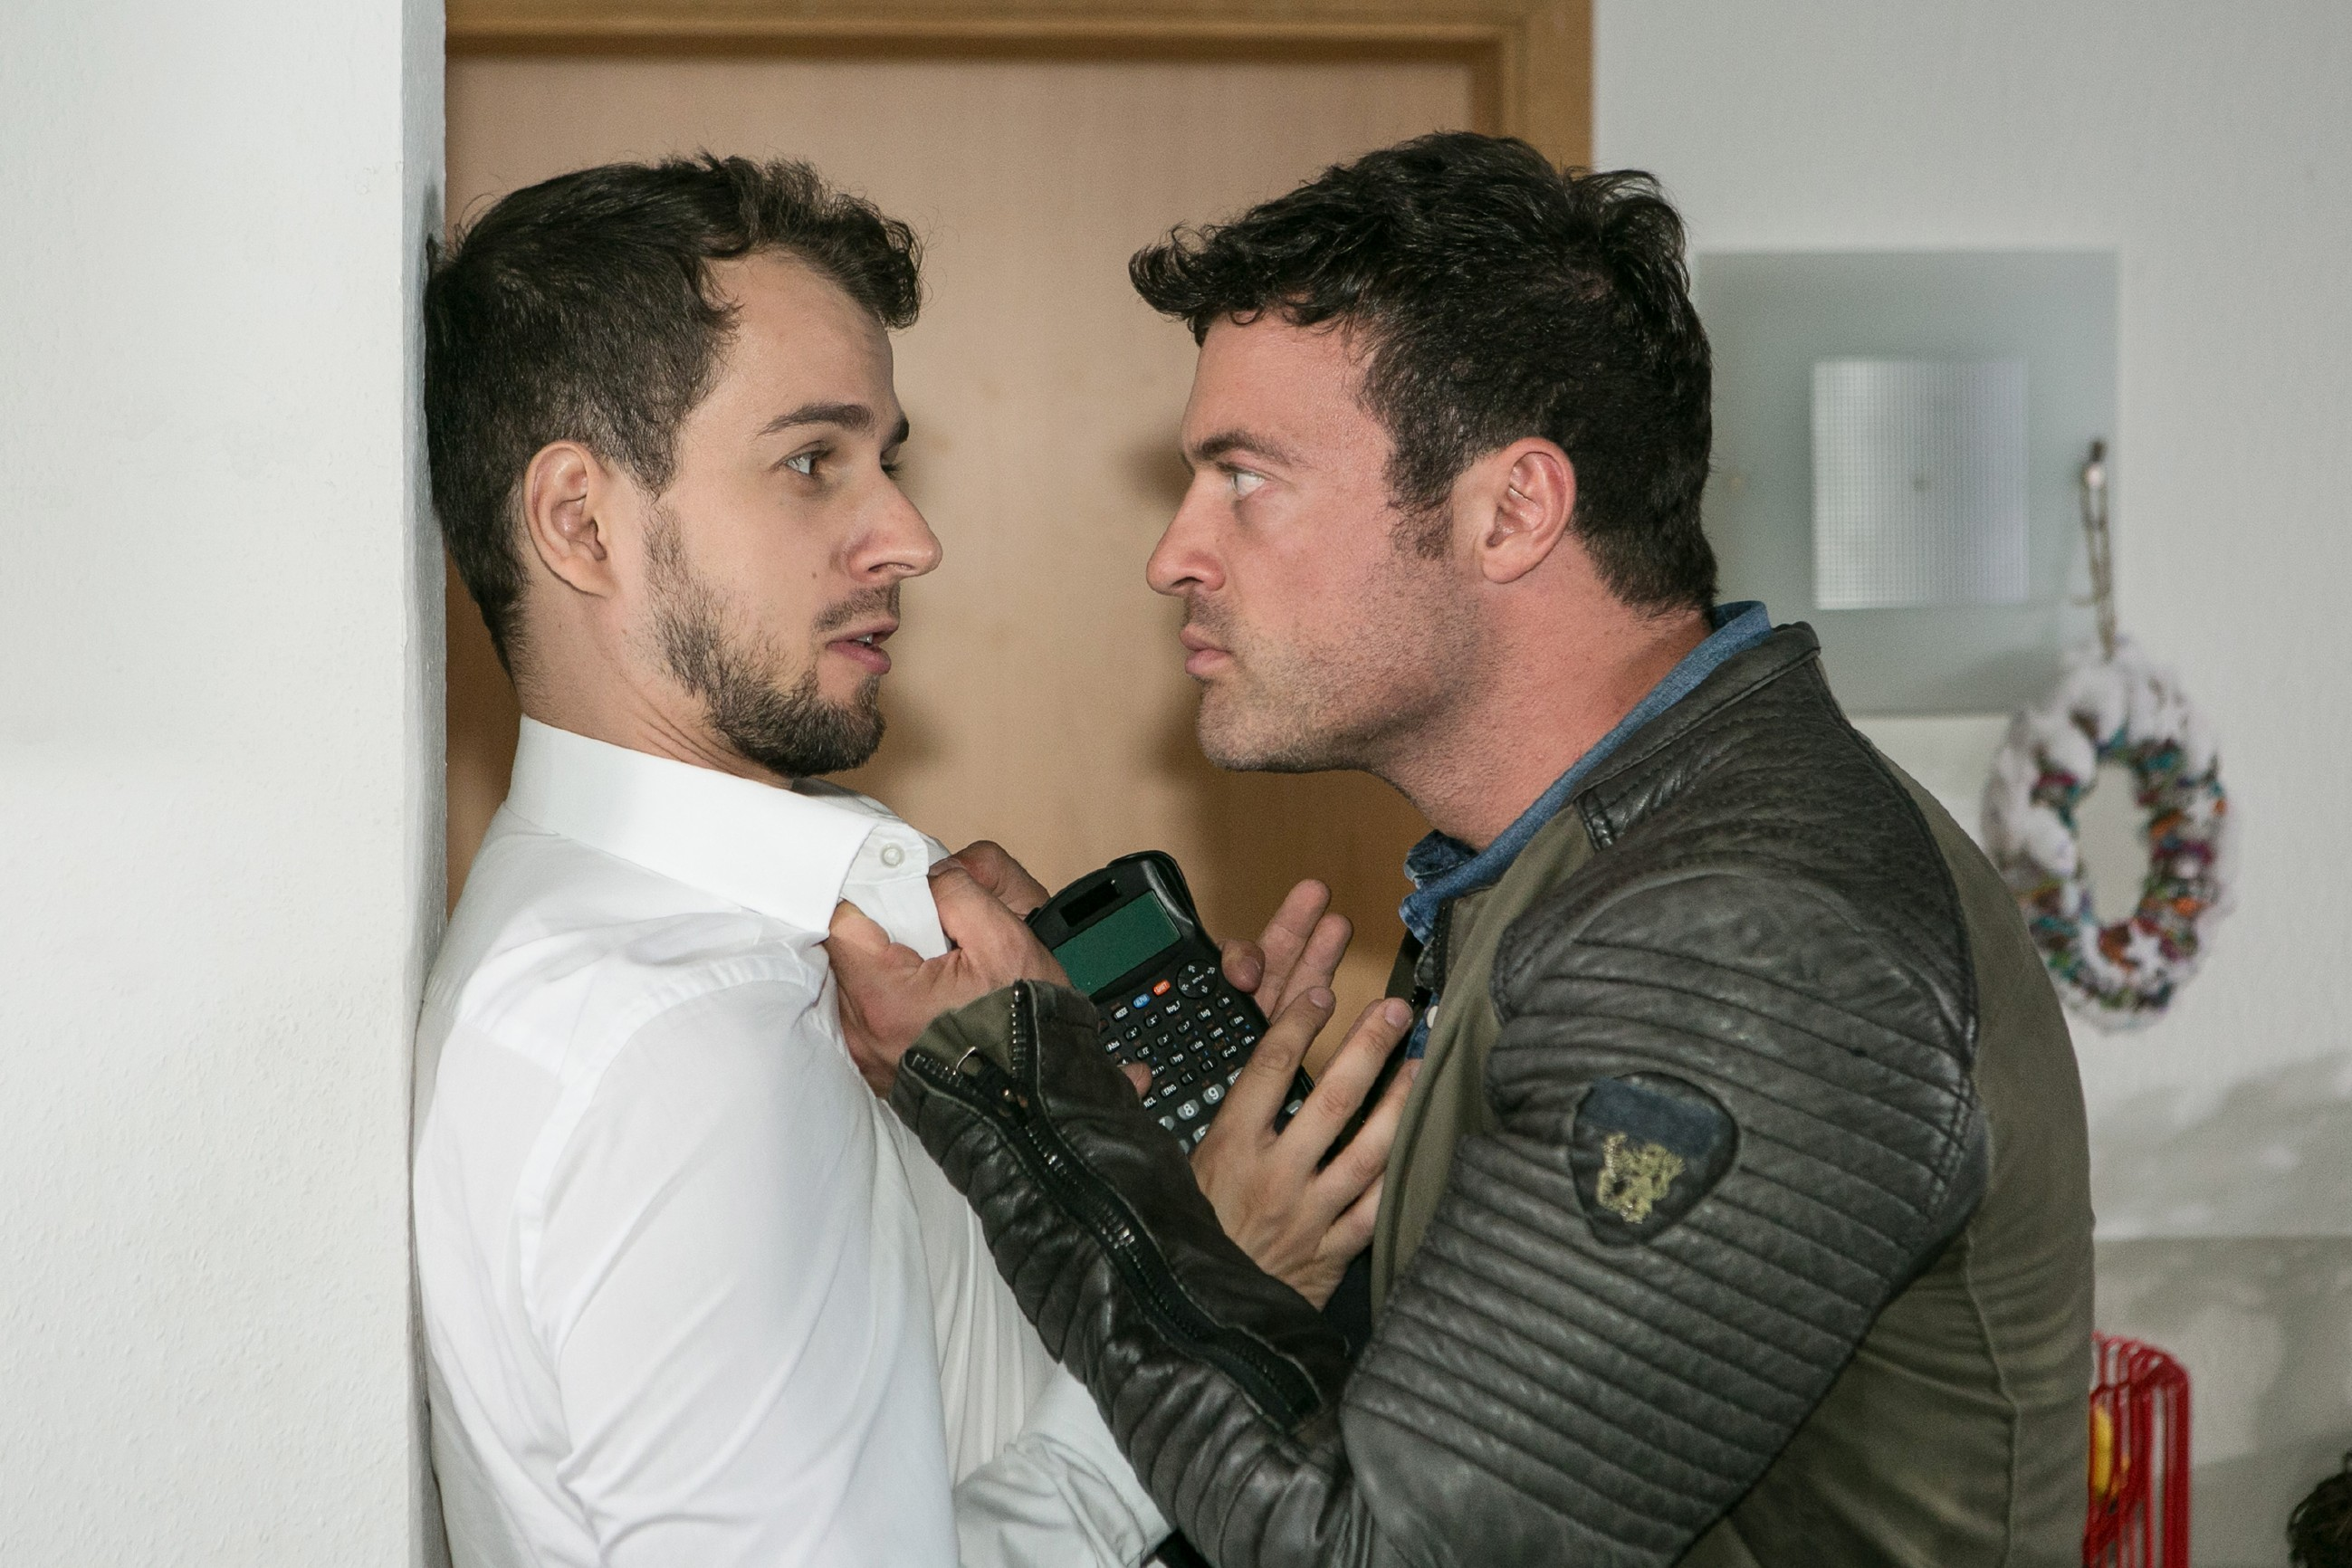 Nachdem Ben (Jörg Rohde, r.) in Tobis (Michael Jassin) Jacke einen Slip von Iva gefunden hat, wirft er ihn wütend aus der WG. (Quelle: RTL / Kai Schulz)